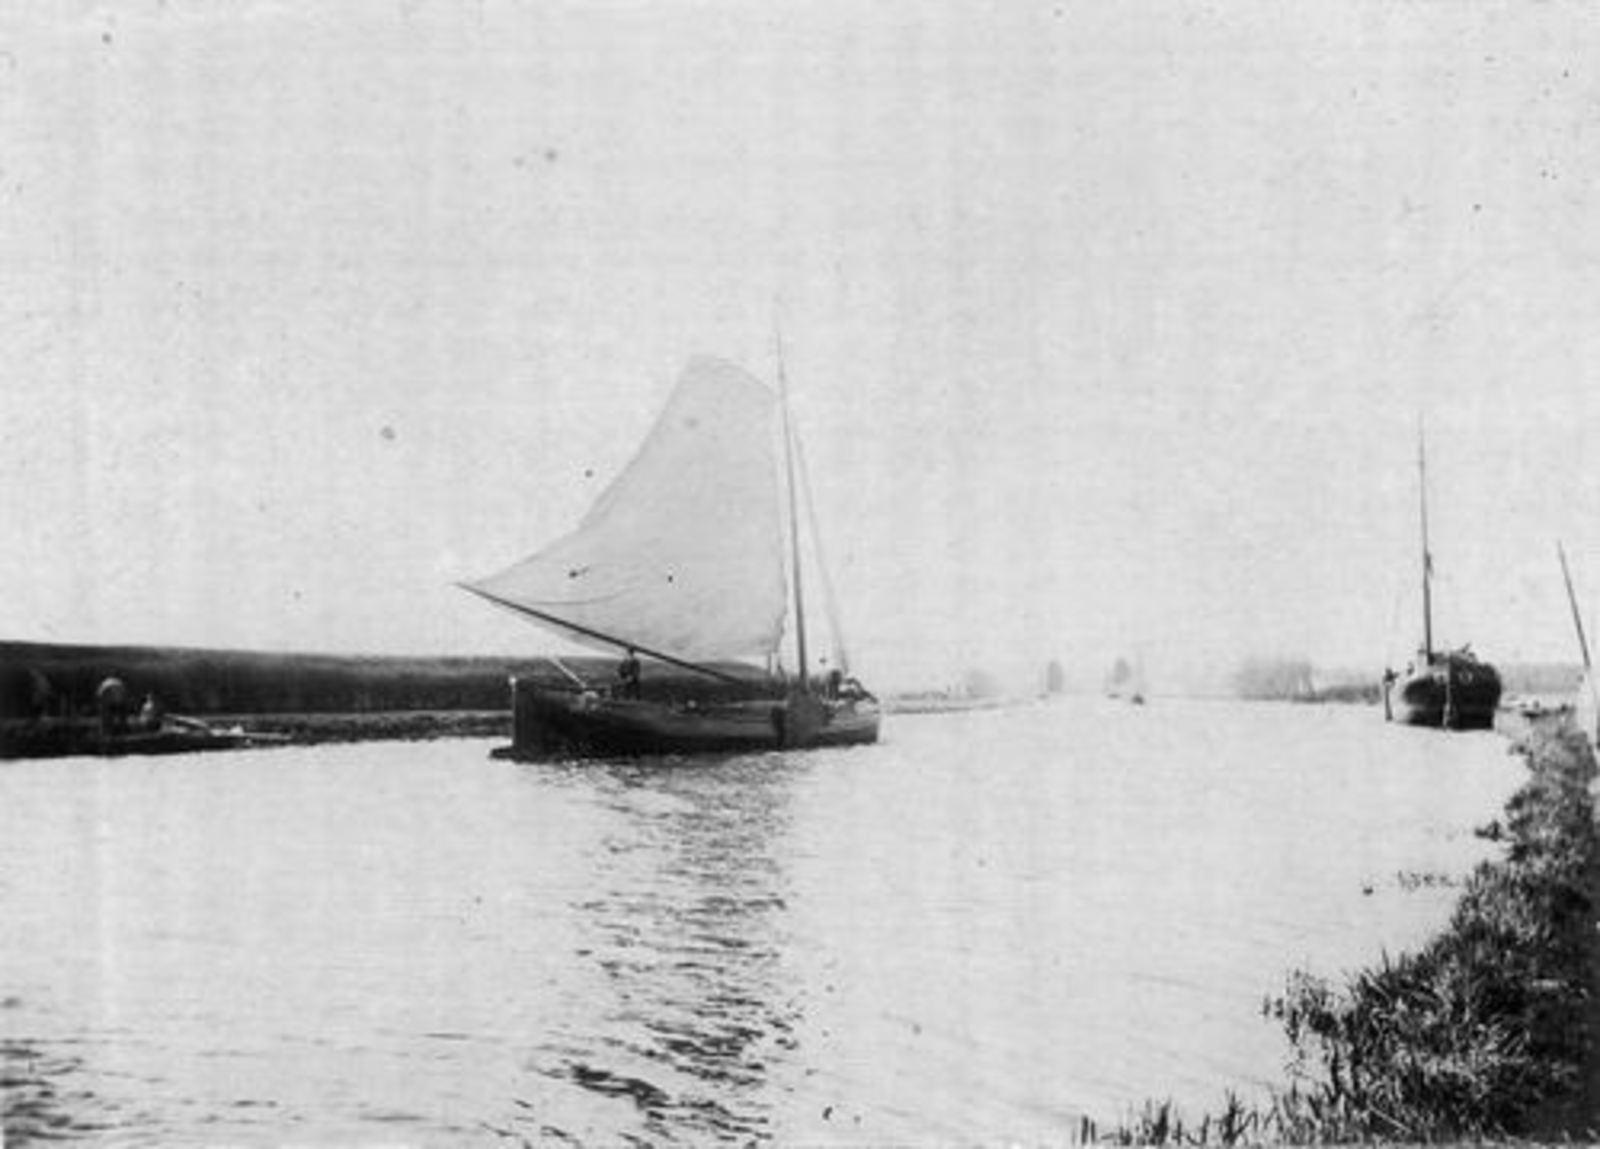 <b>ZOEKPLAATJE:</b>&nbsp;Hmeer Onbekend 1895 Schepen Ringvaart en Huis 02